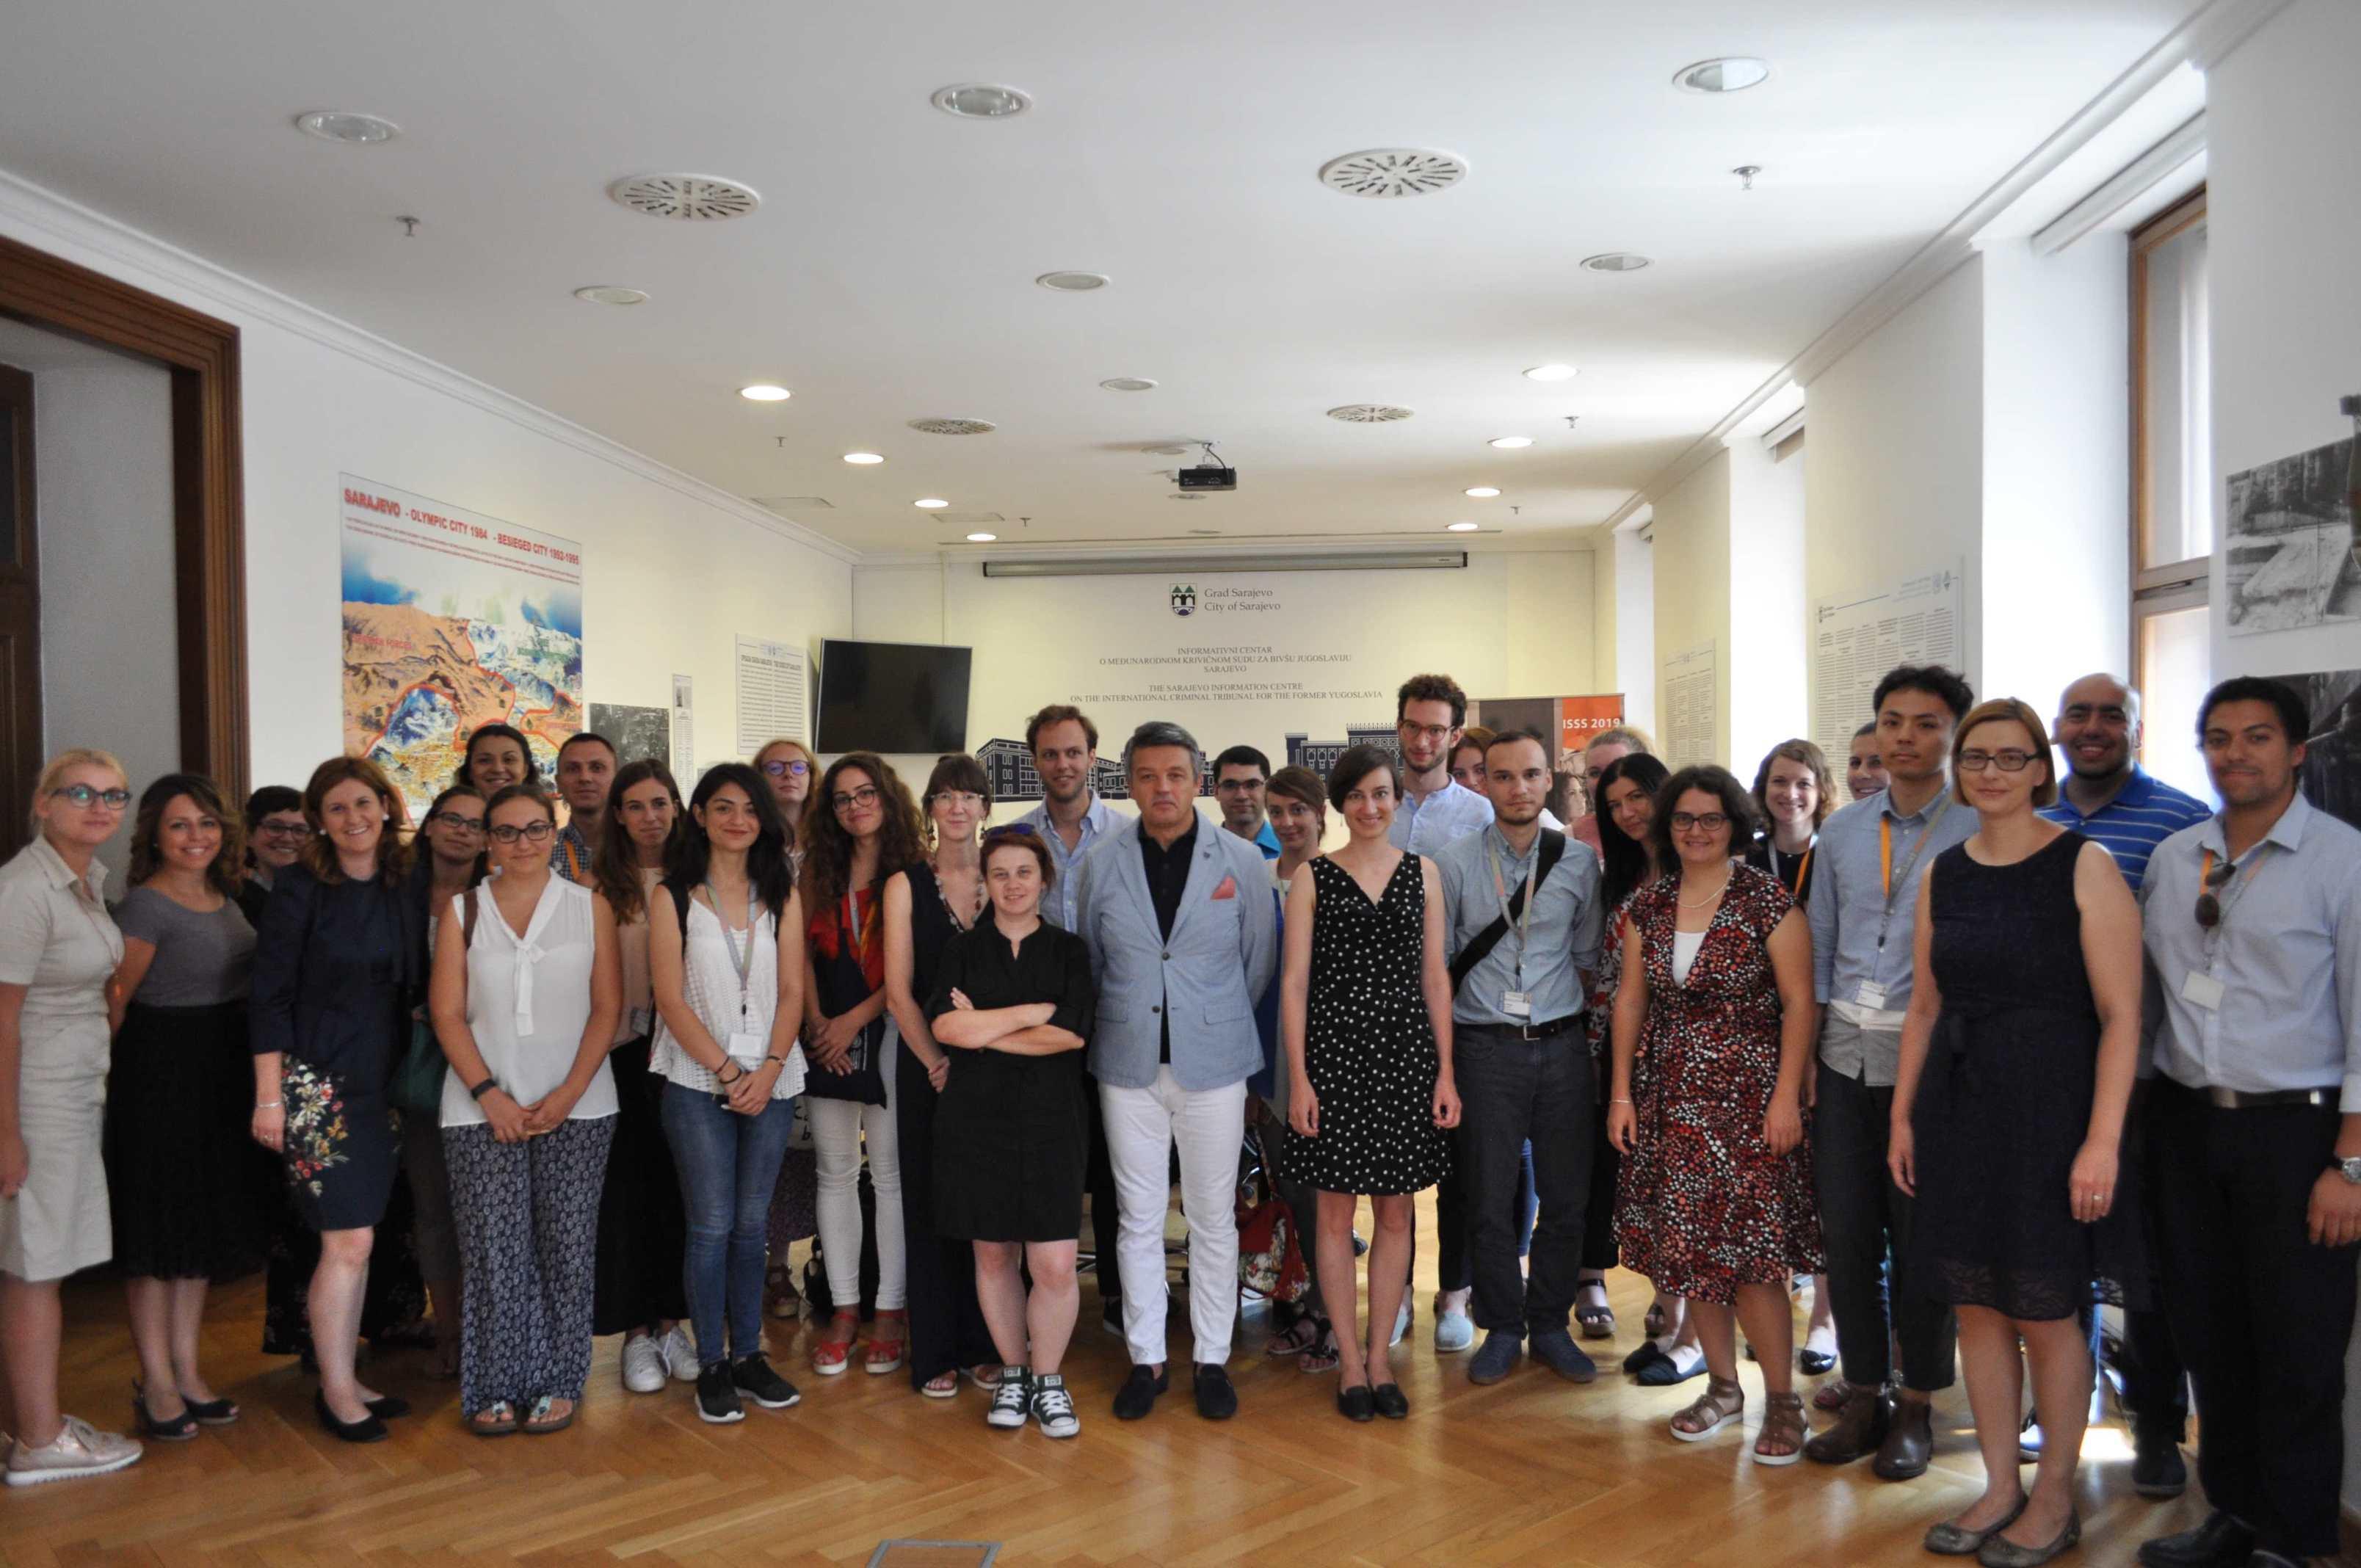 Informativni centar o MKSJ Sarajevo ugostio 13. po redu međunarodnu ljetnu školu prava